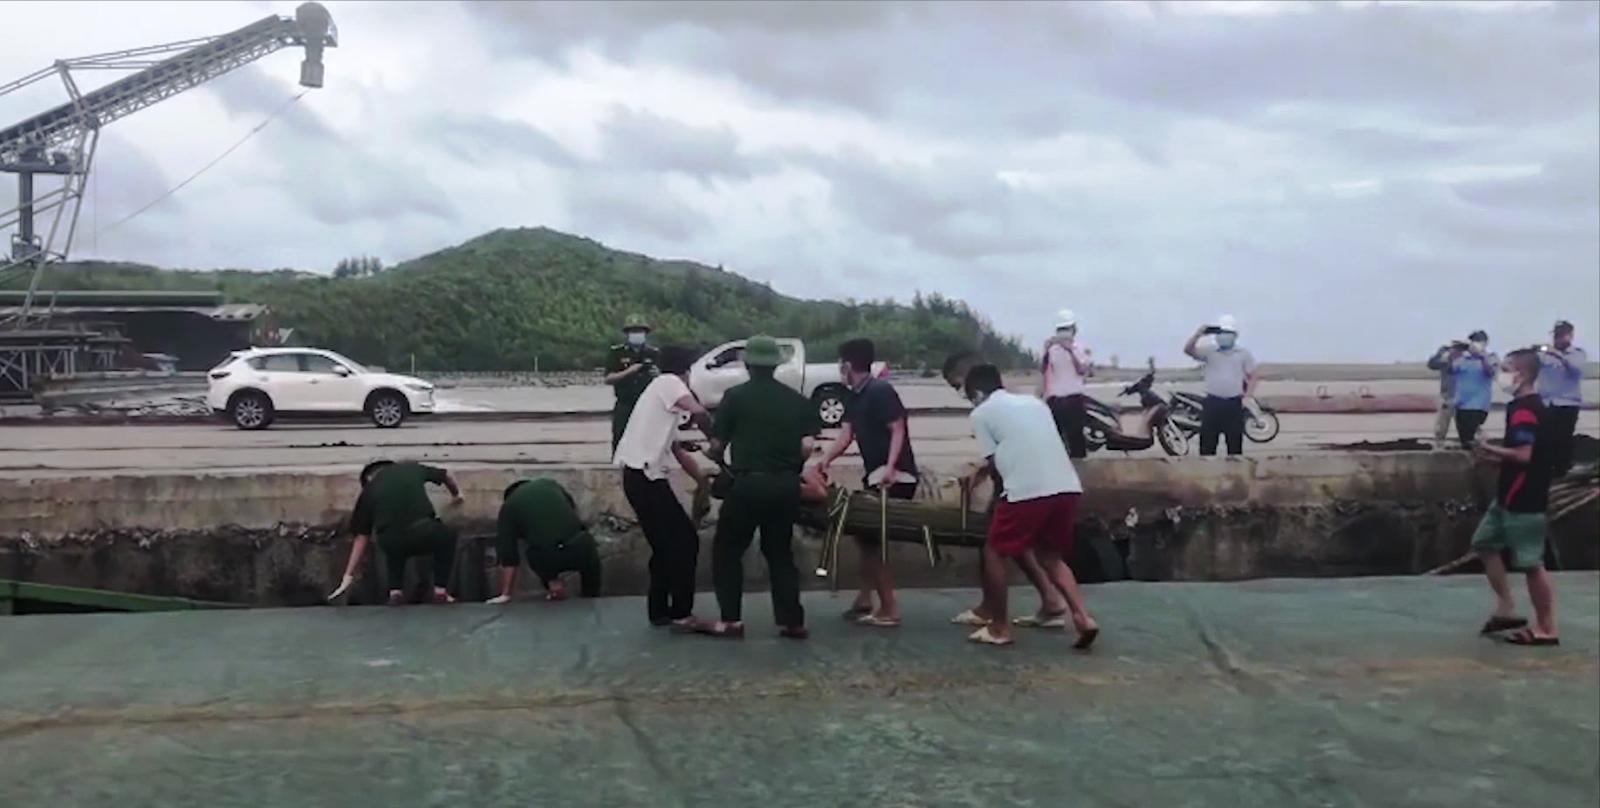 Bộ Tư lệnh Vùng Cảnh sát biển 1 cấp cứu thuyền viên gặp nạn trên vùng biển của tỉnh Quảng Bình